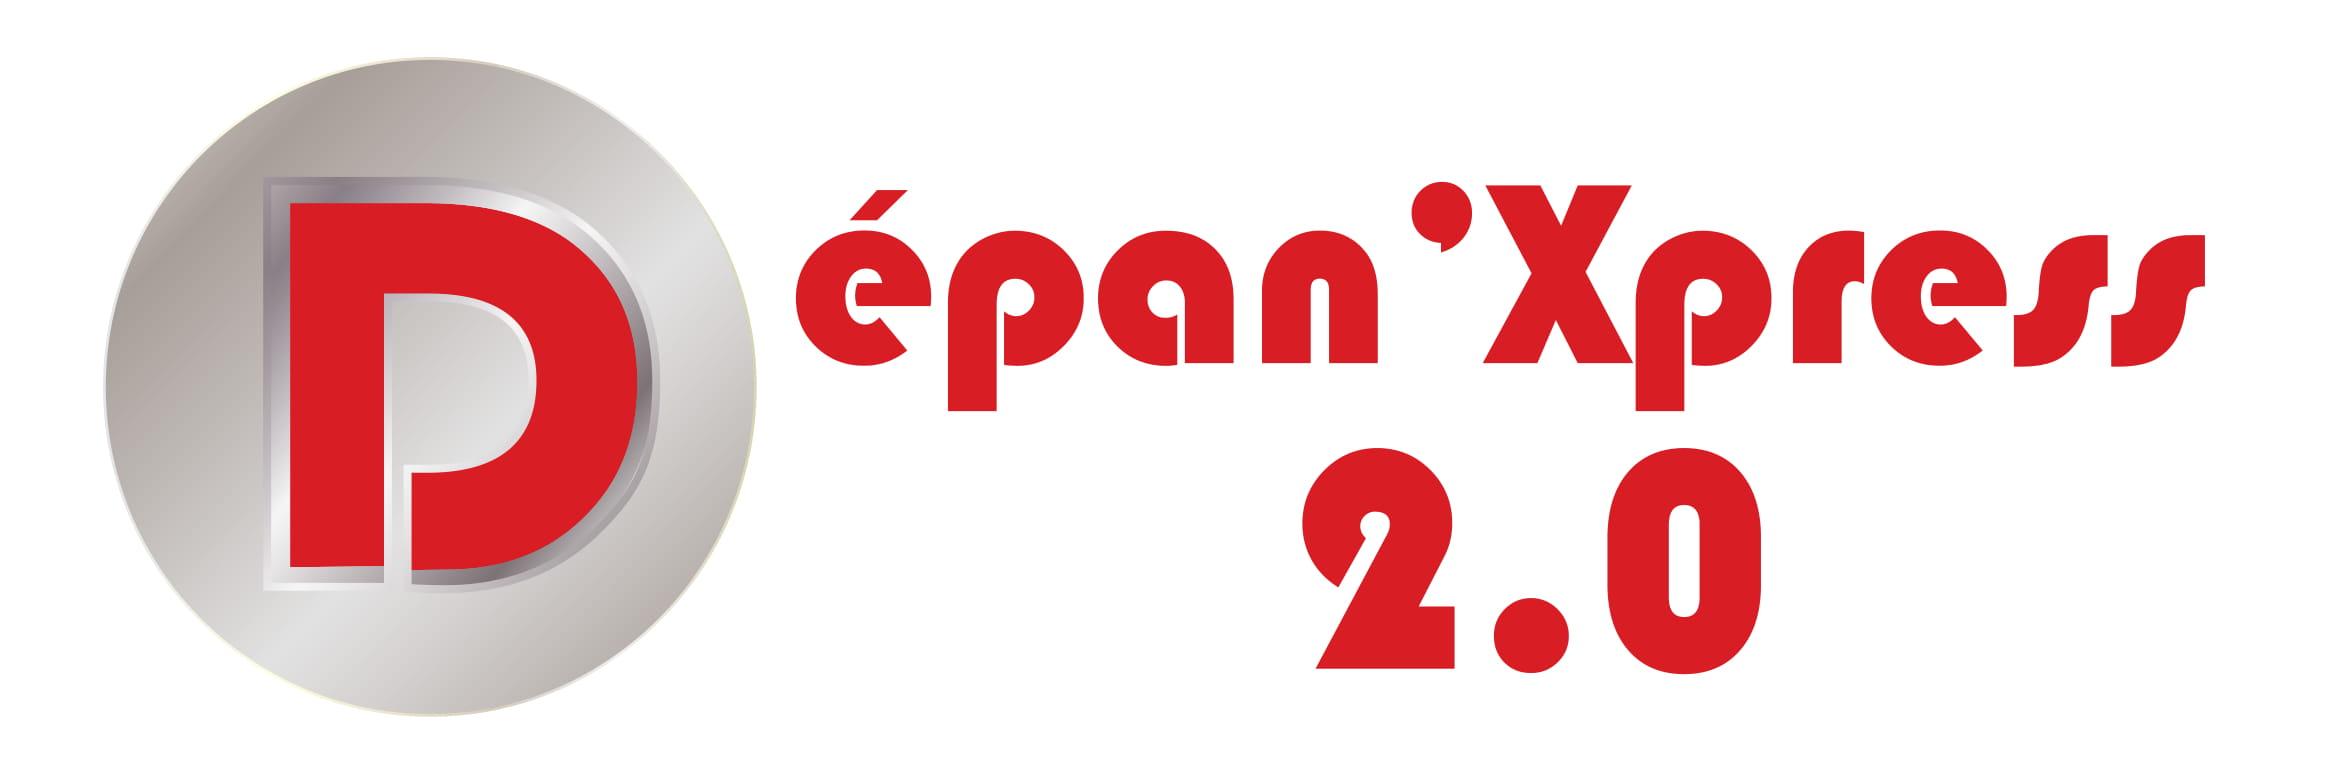 Depan'Xpress 2.0